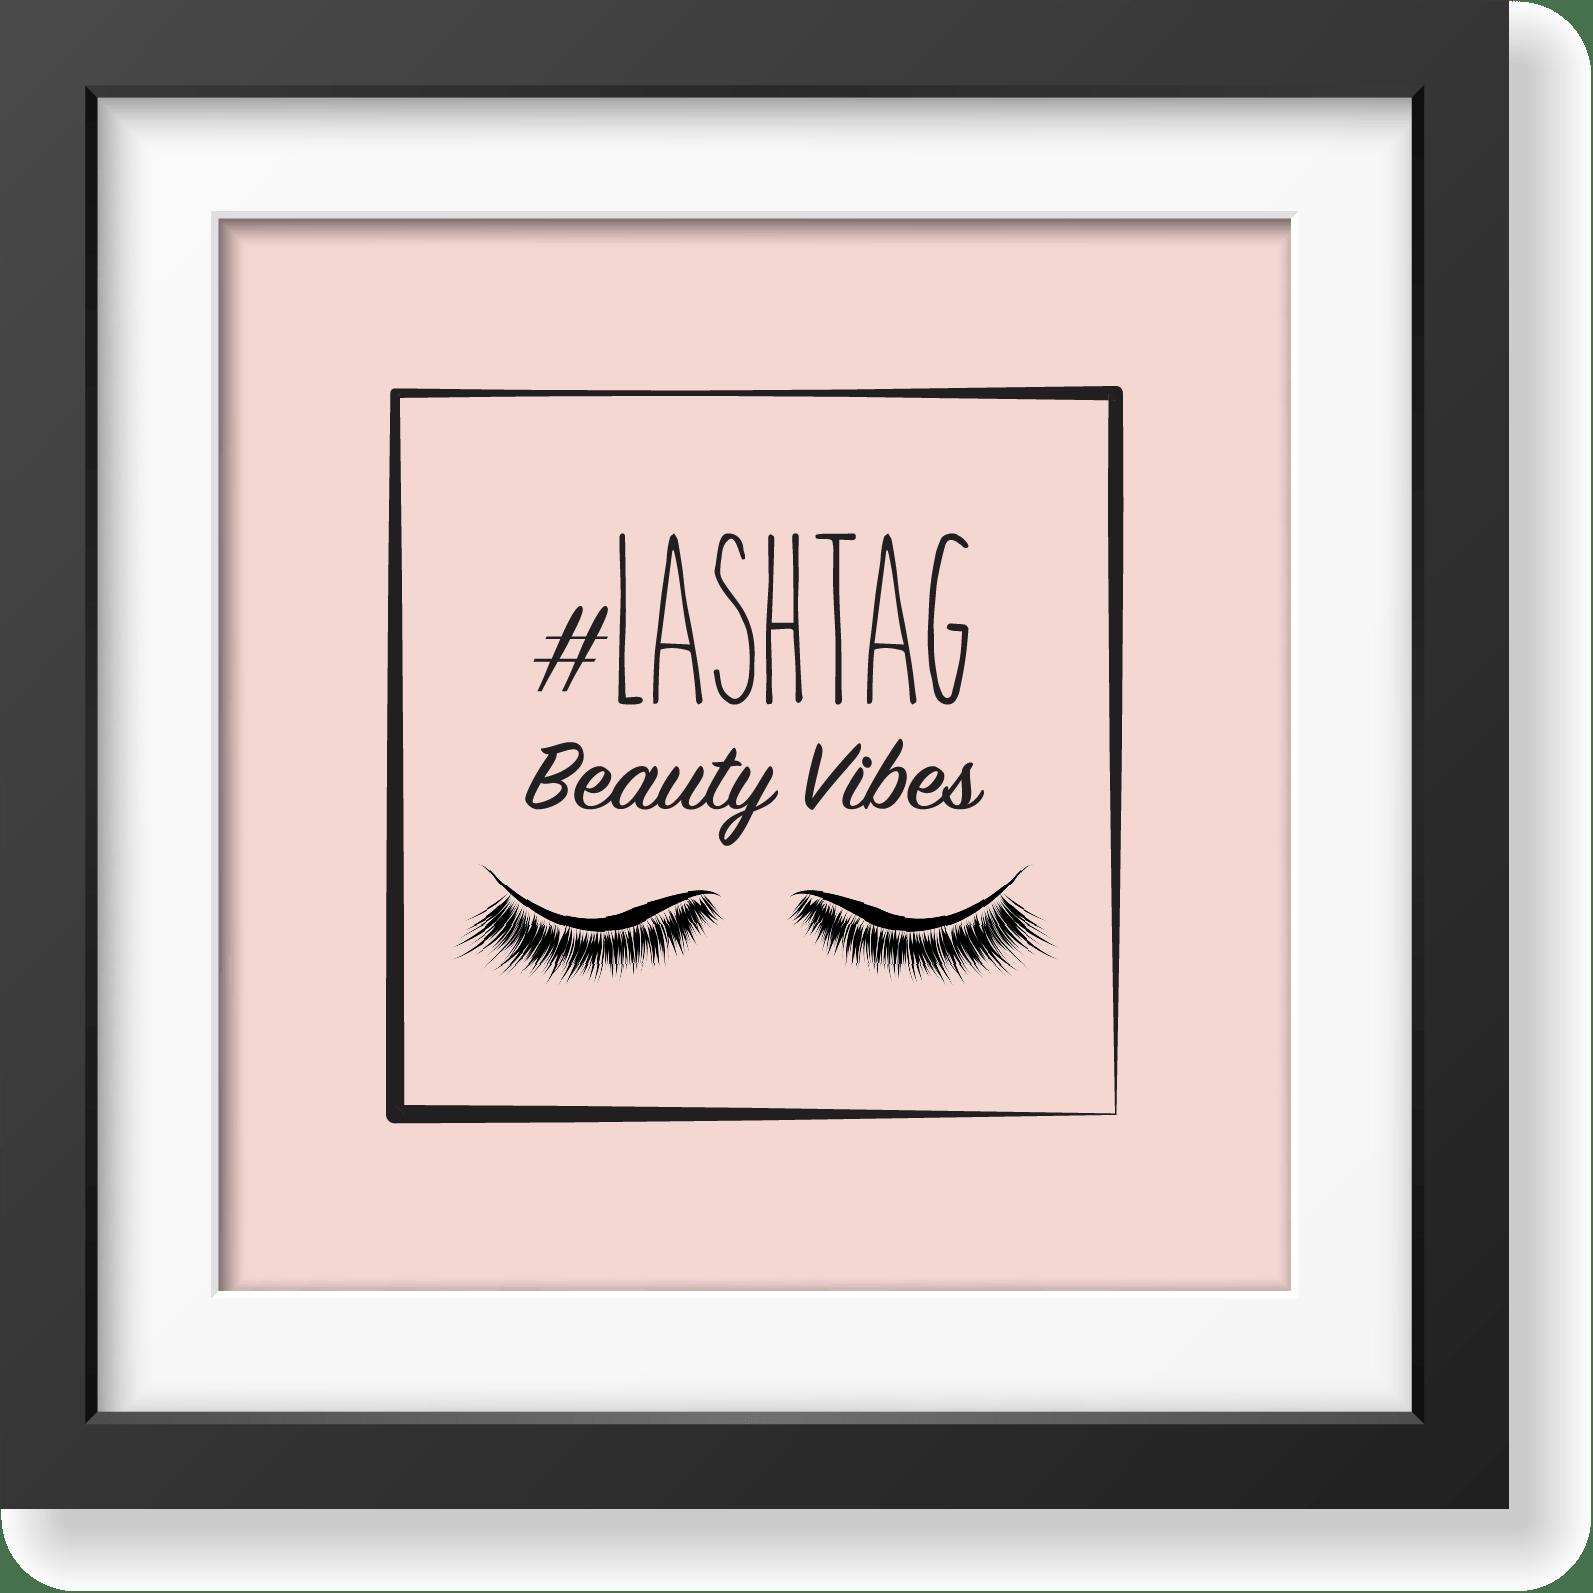 Lashtag - Beauty Vibes - studio e realizzazione logo e immagine coordinata